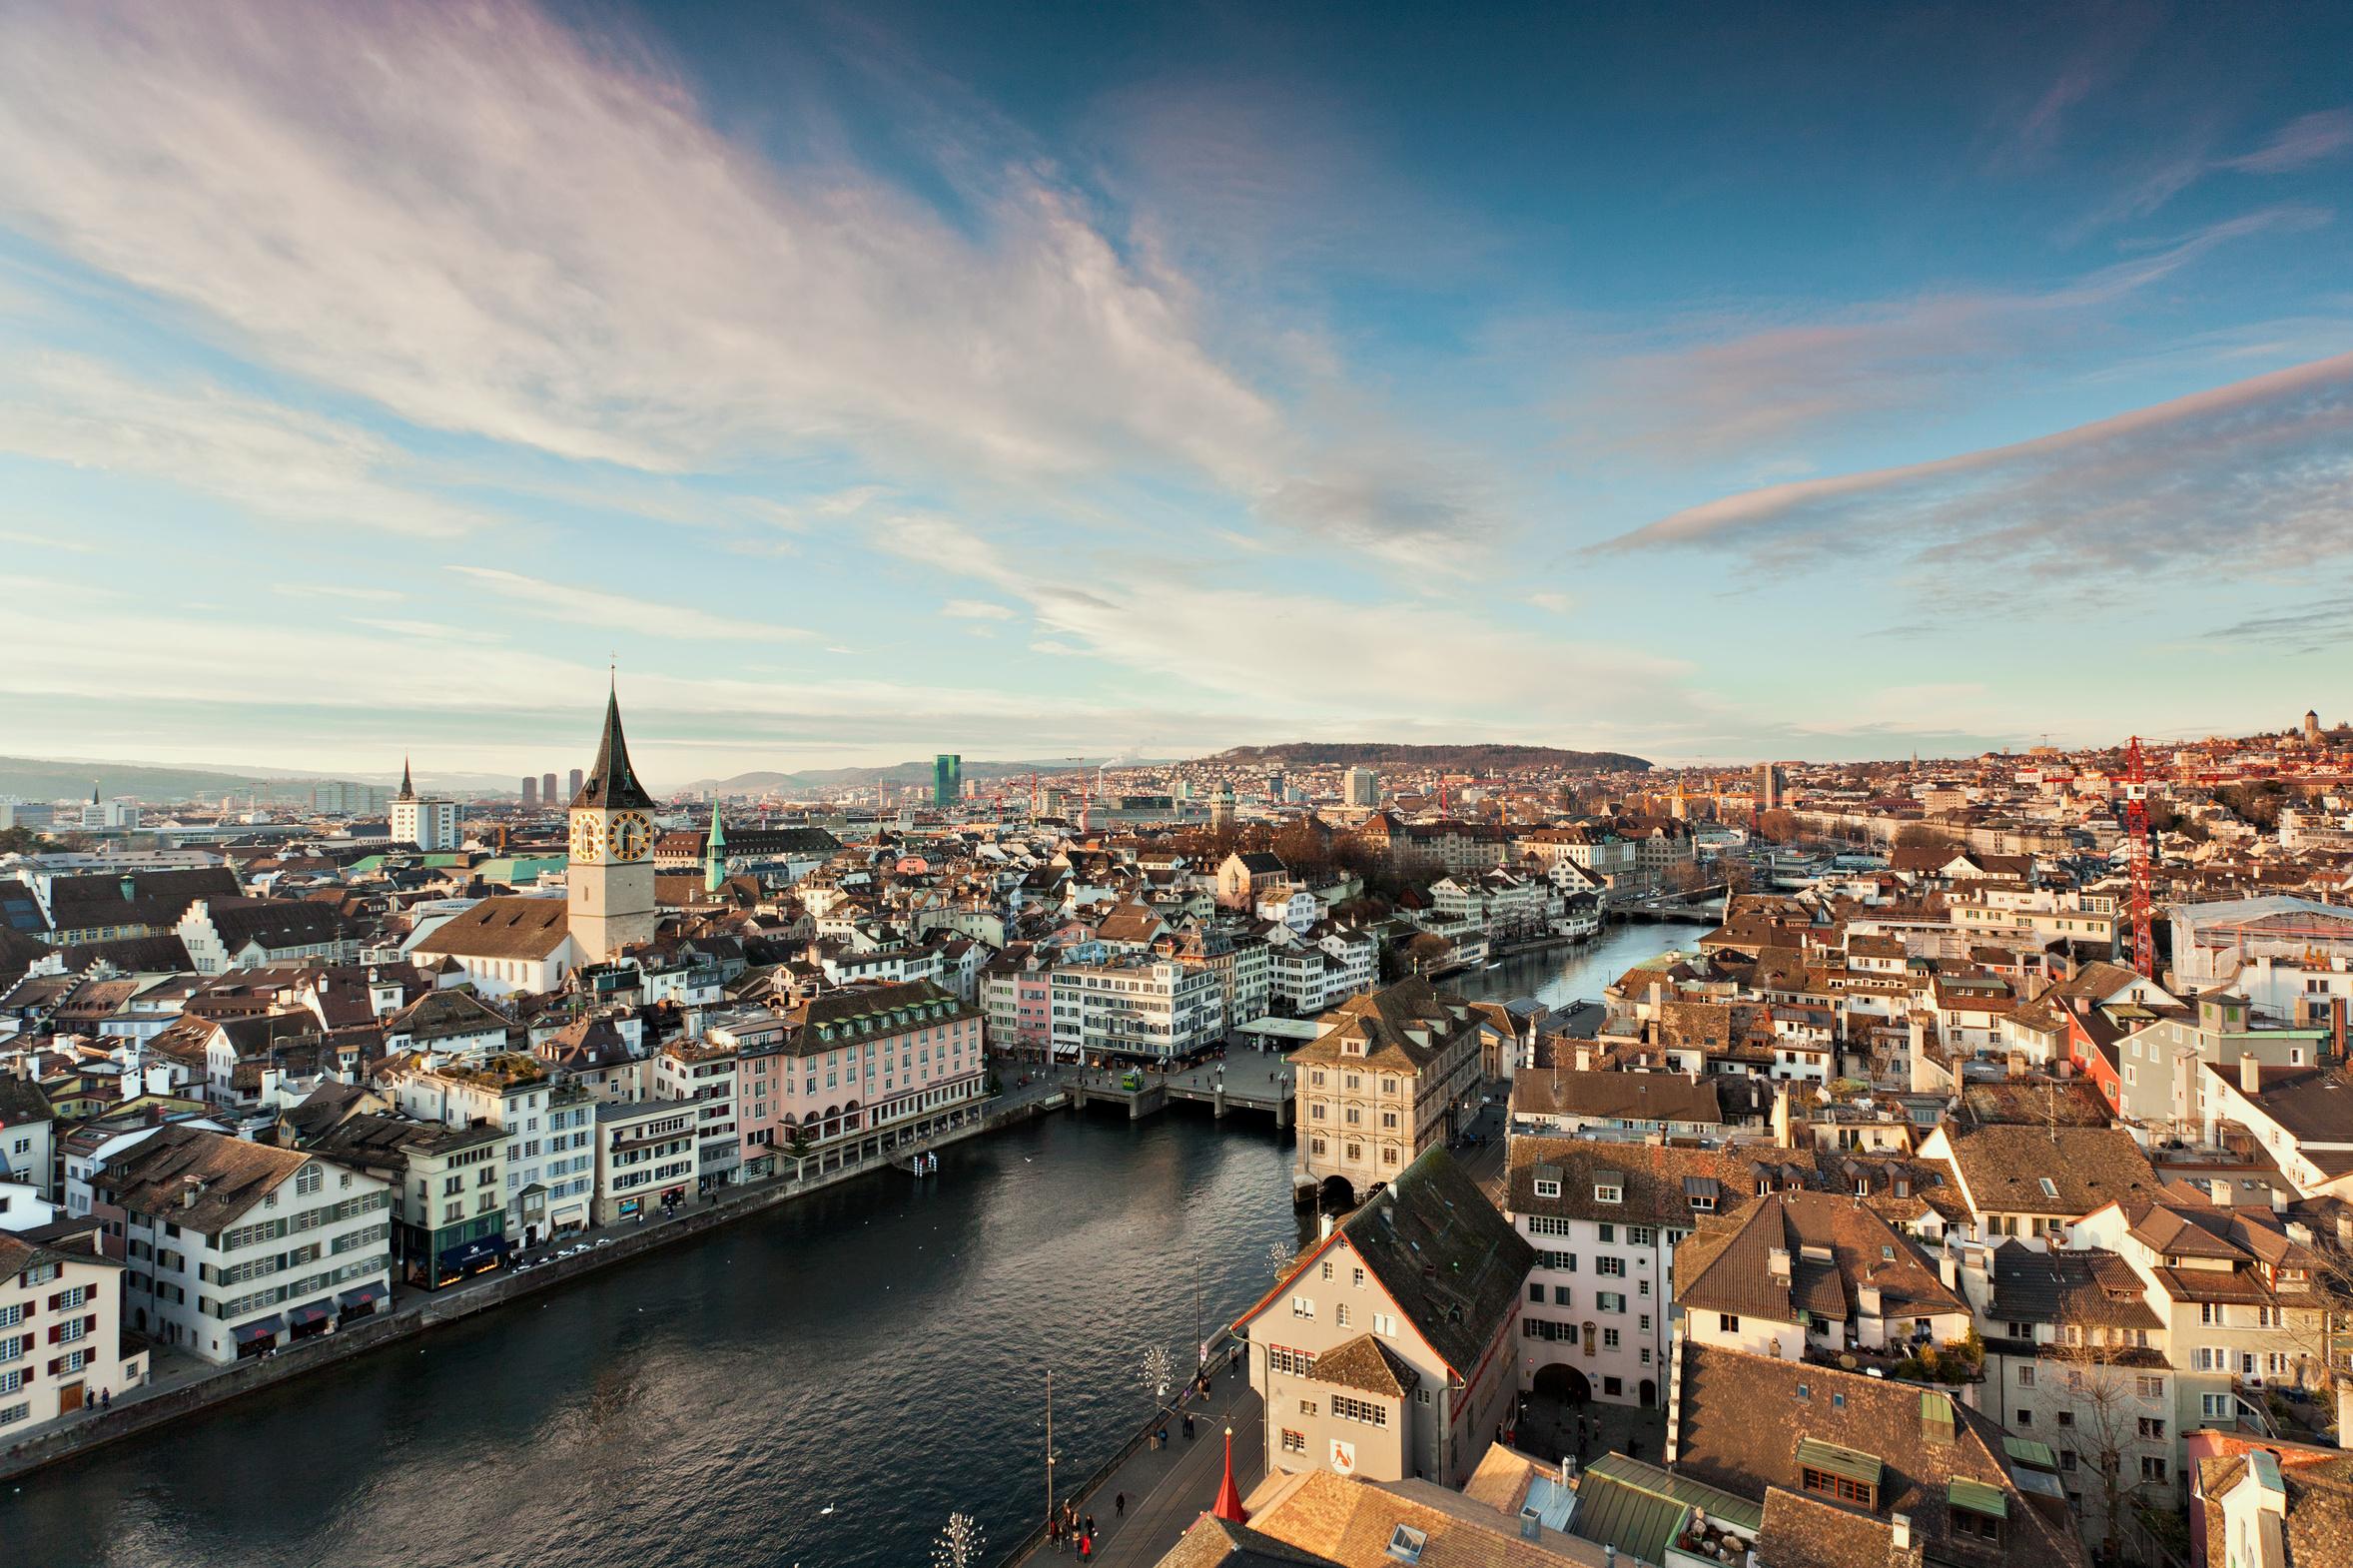 Zürich, wir sind Ihre Verwaltung